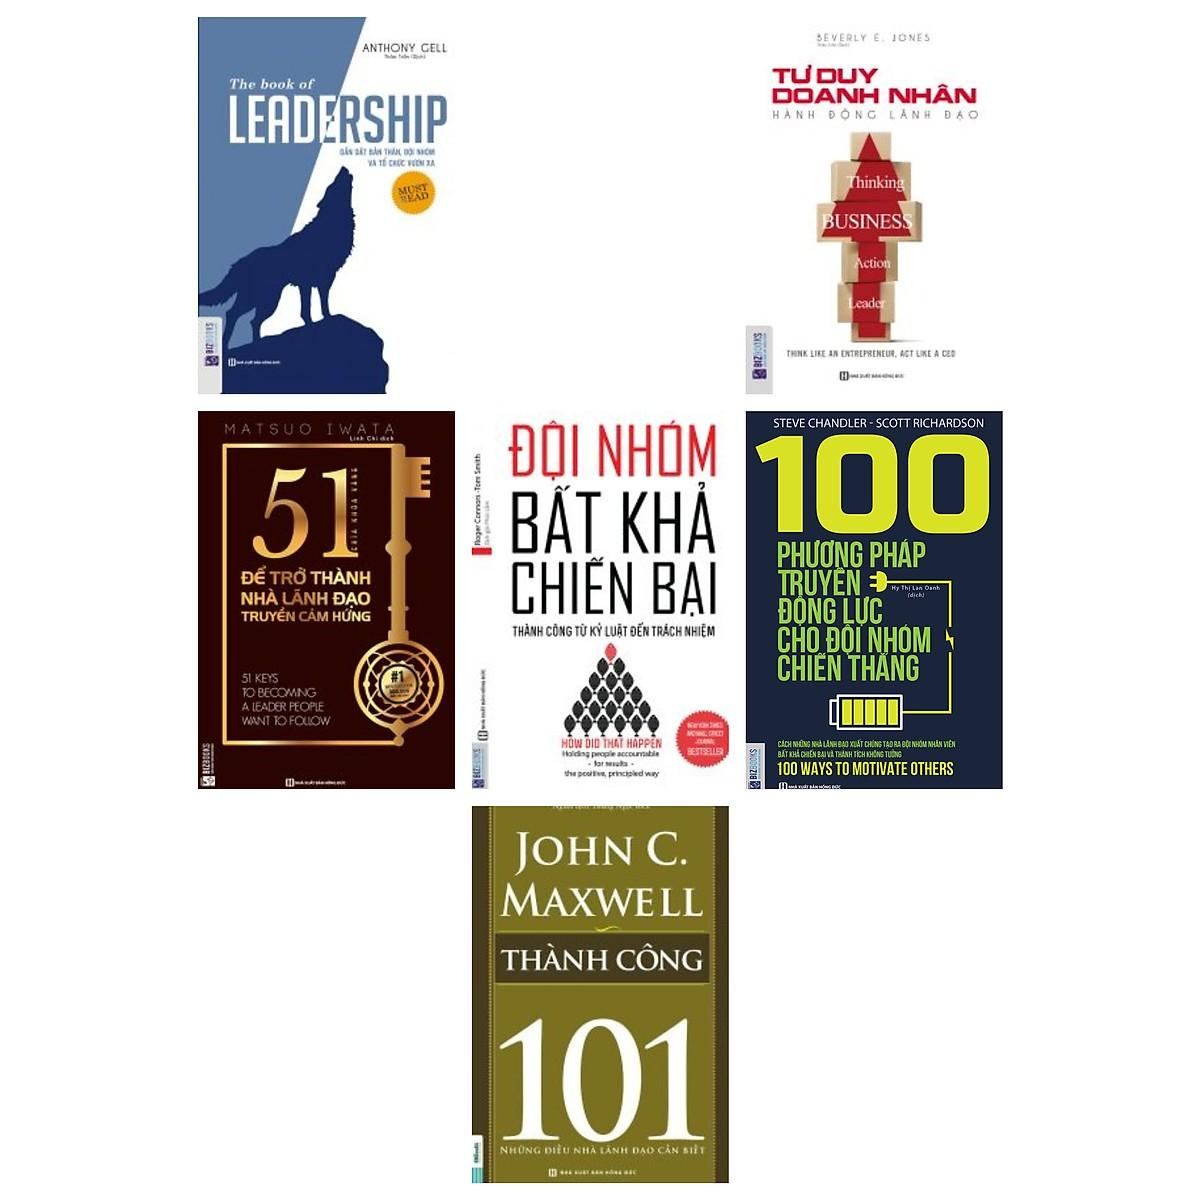 Mua combo 5 cuốn:Leadership + Tư duy doanh nhân hành động lãnh đạo + Để trở thành nhà lãnh đạo truyền cảm hứng + Đội nhóm bất khả chiến bại + 100 phương pháp truyền động lực cho đội nhóm(tặng cuốn thành công-101 nhà lãnh đạo cần bi�